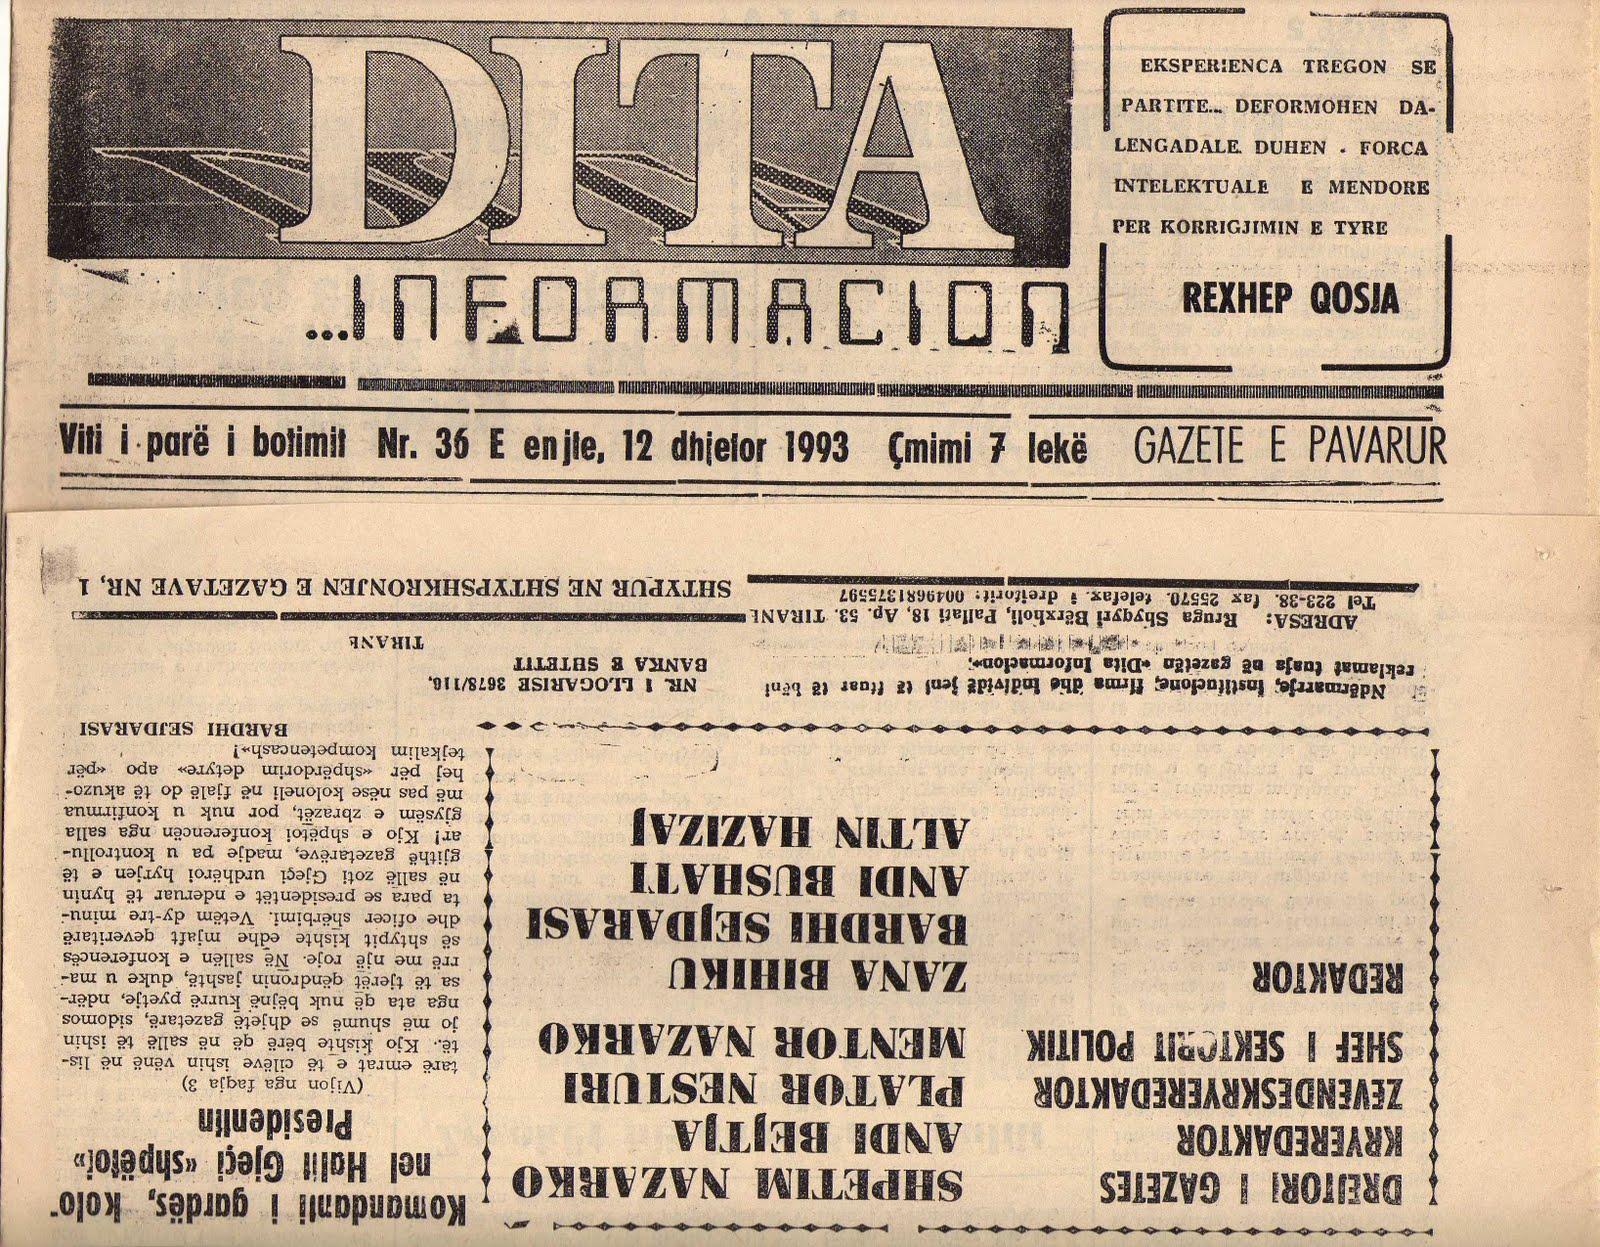 24.04.1993, Gazeta Zeri i Rinise - Heronjte pa histori nga Vincenso